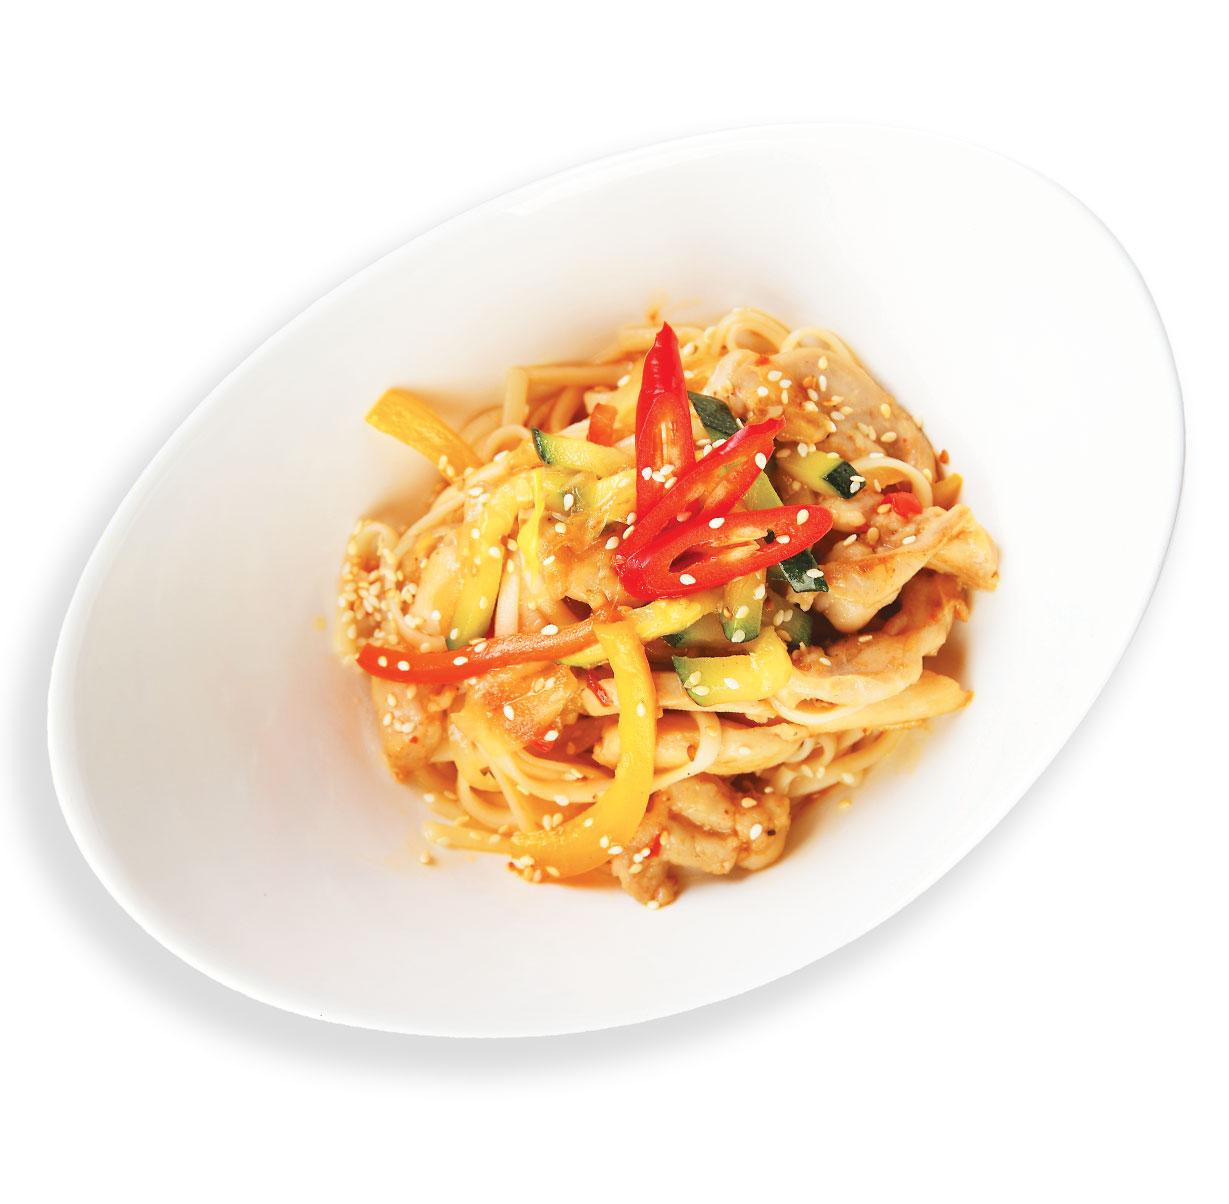 Удон с курицей и овощами: рецепт с разными соусами и другими 19